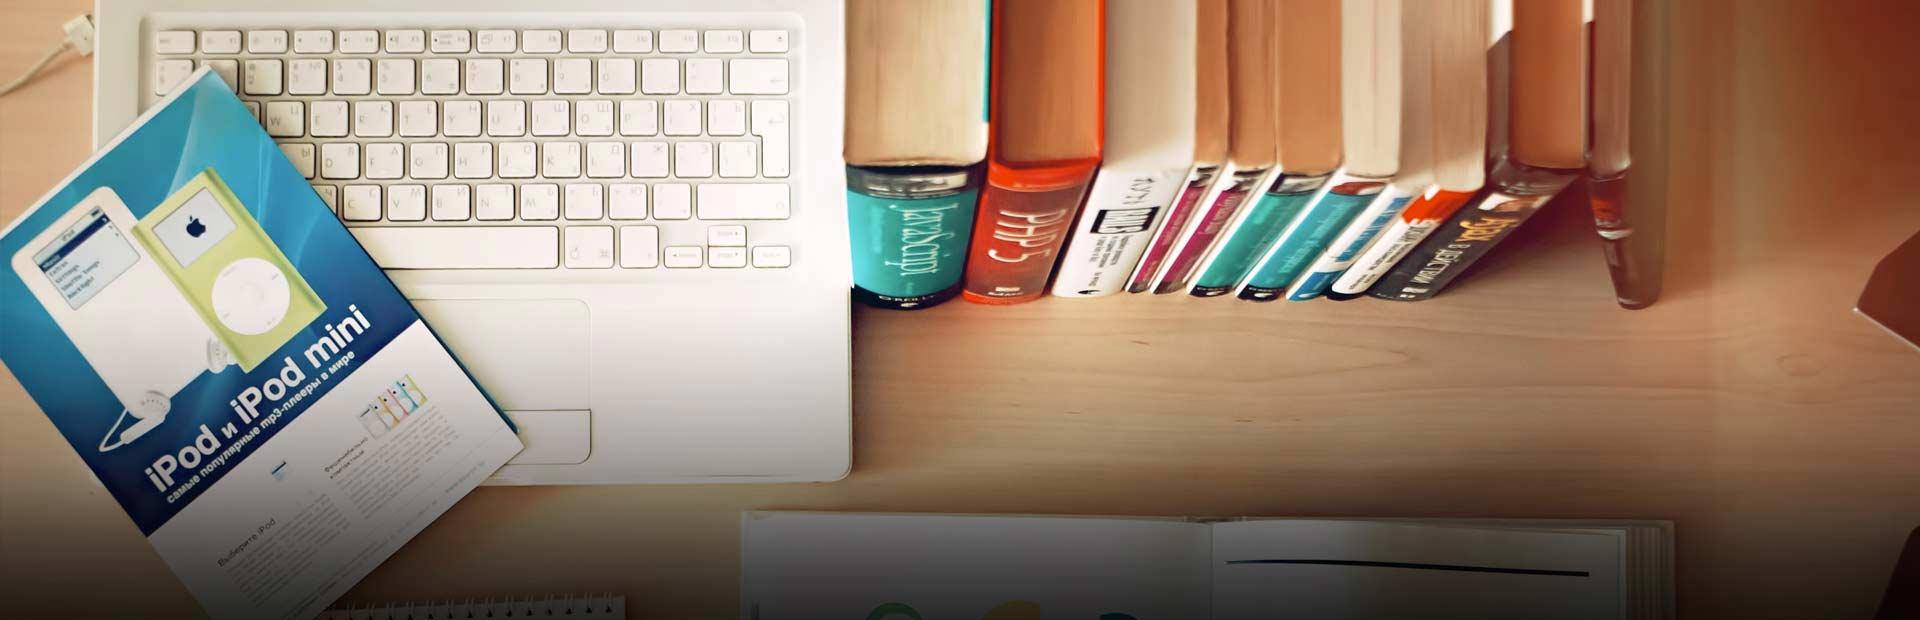 طراحی وب سایت سفارشی در گروه آرتین